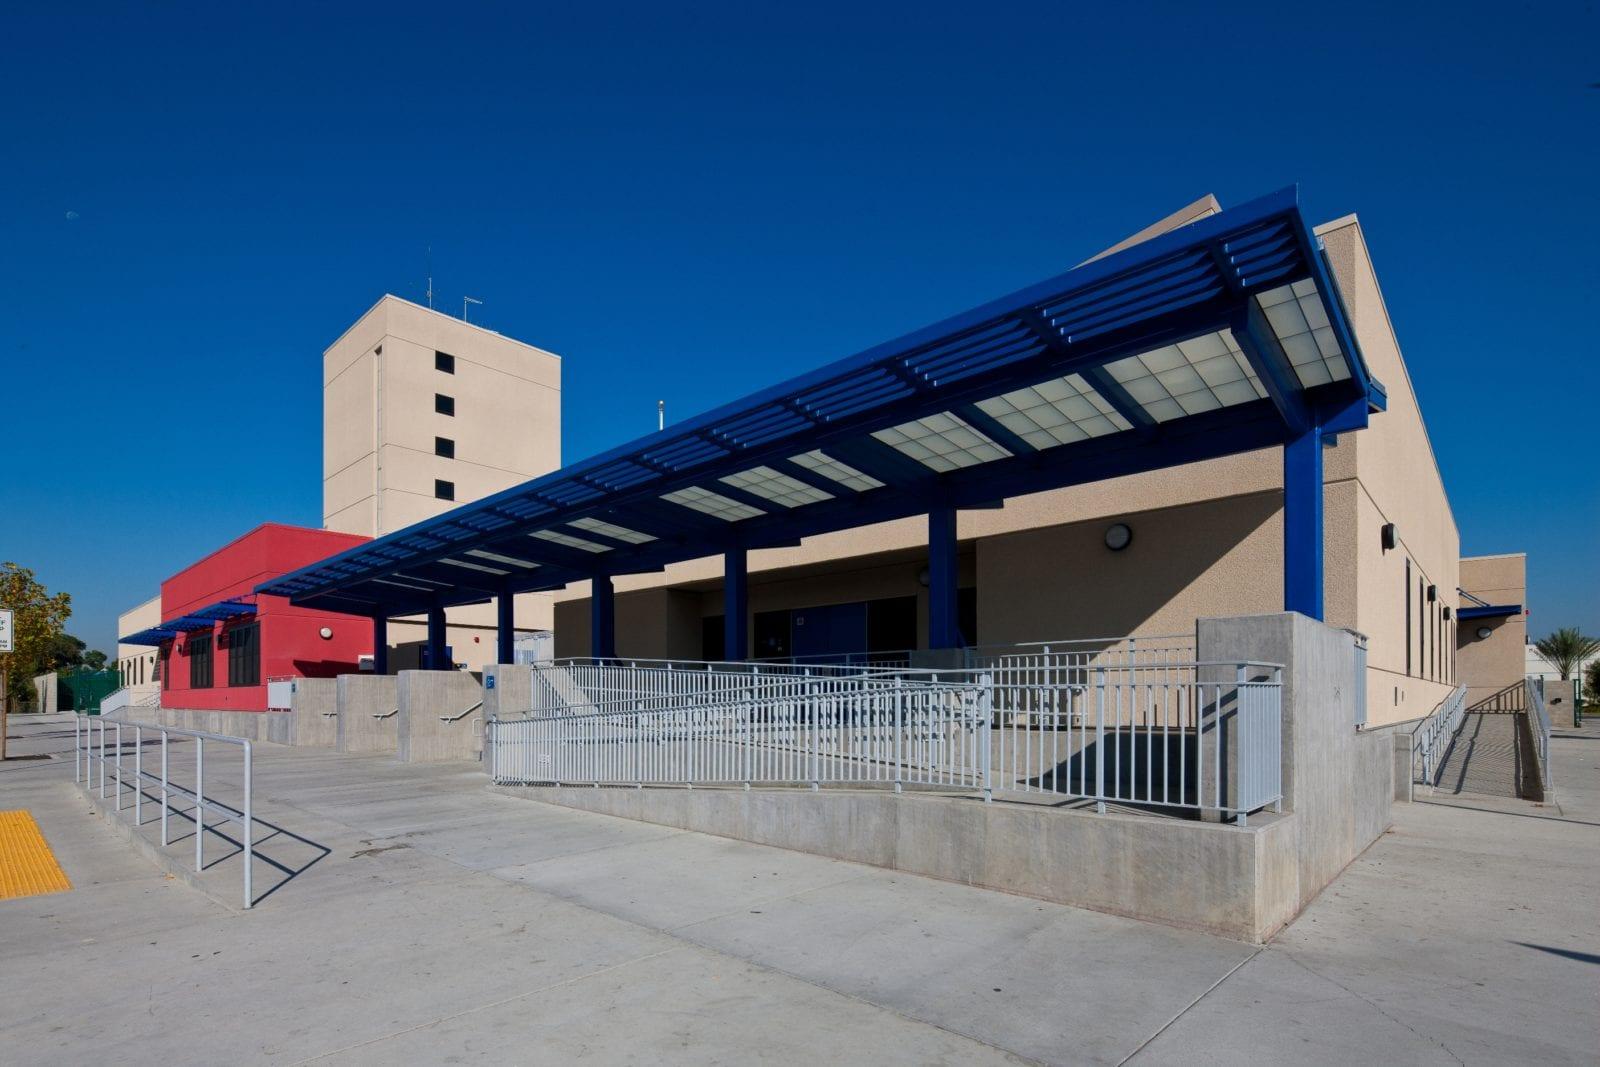 los angeles unified school district south region interior design schools los angeles brilliant interior